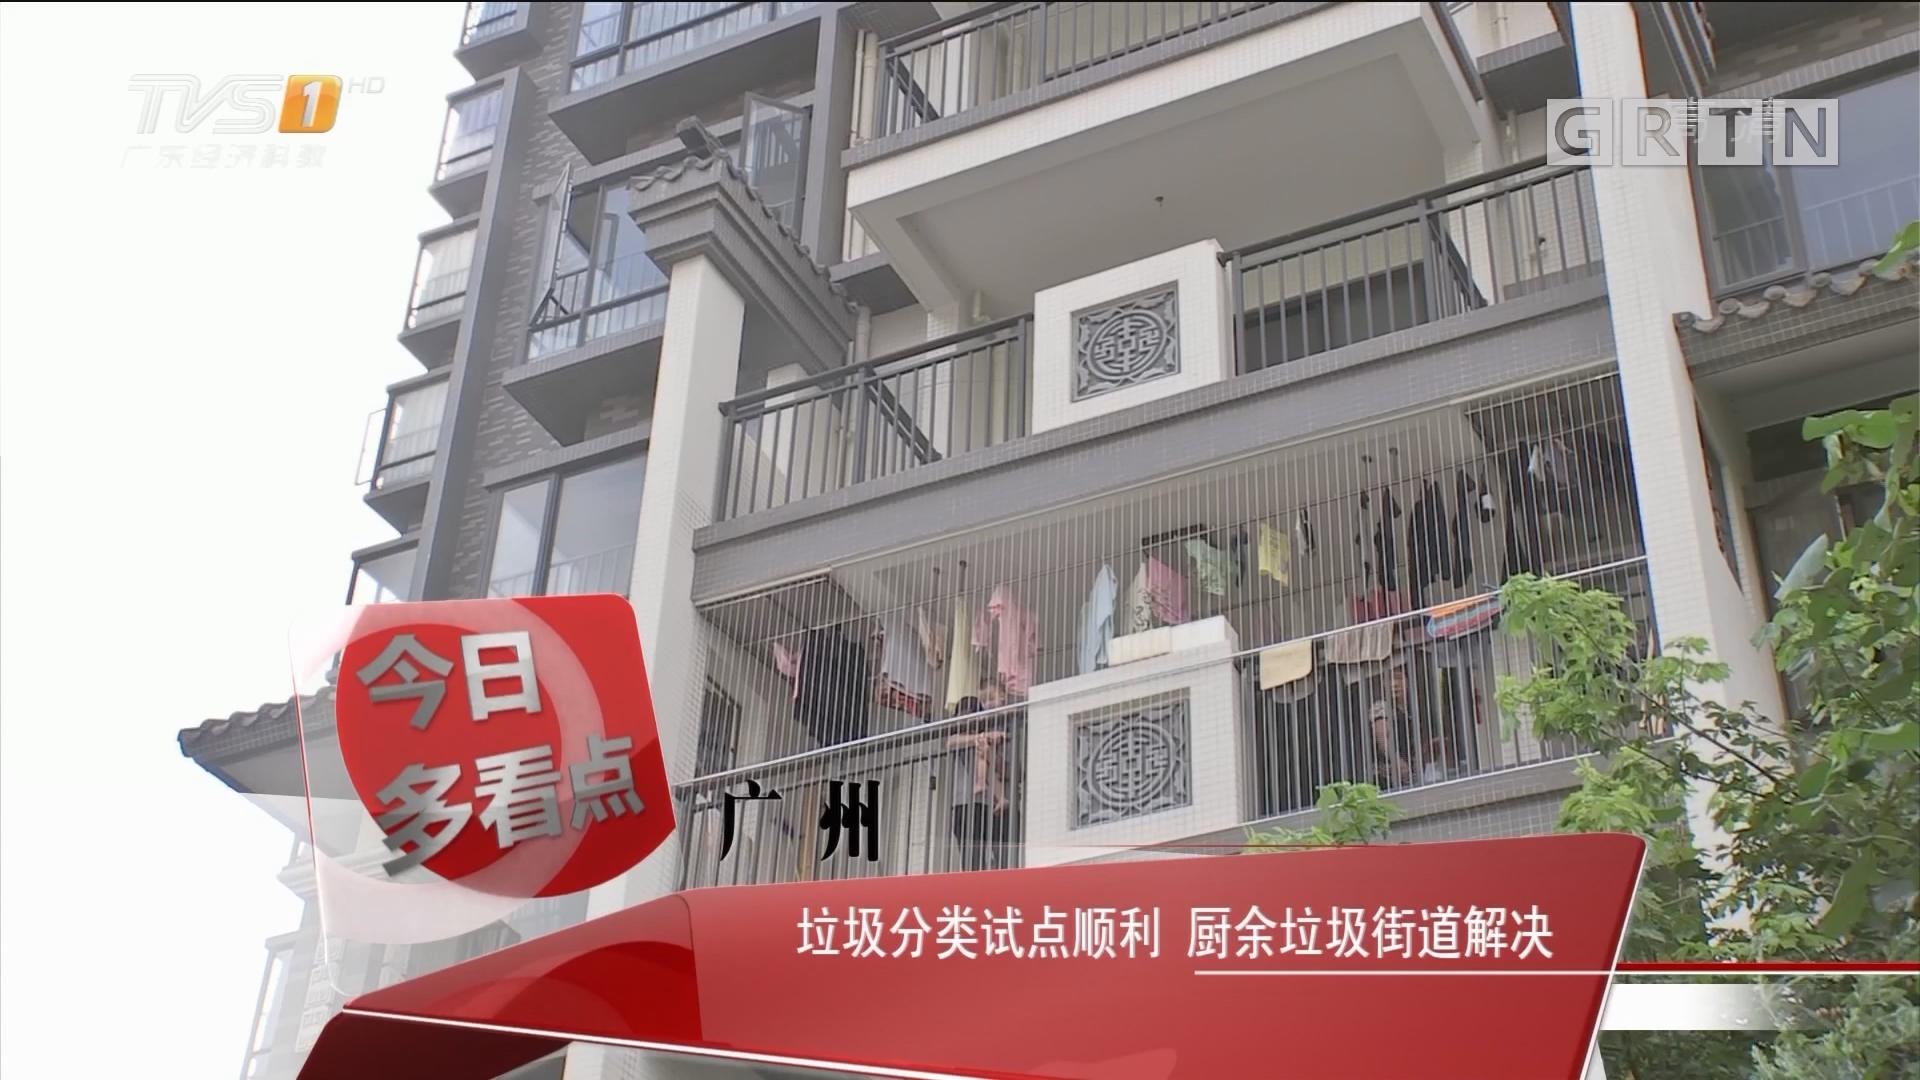 广州:垃圾分类试点顺利 厨余垃圾街道解决